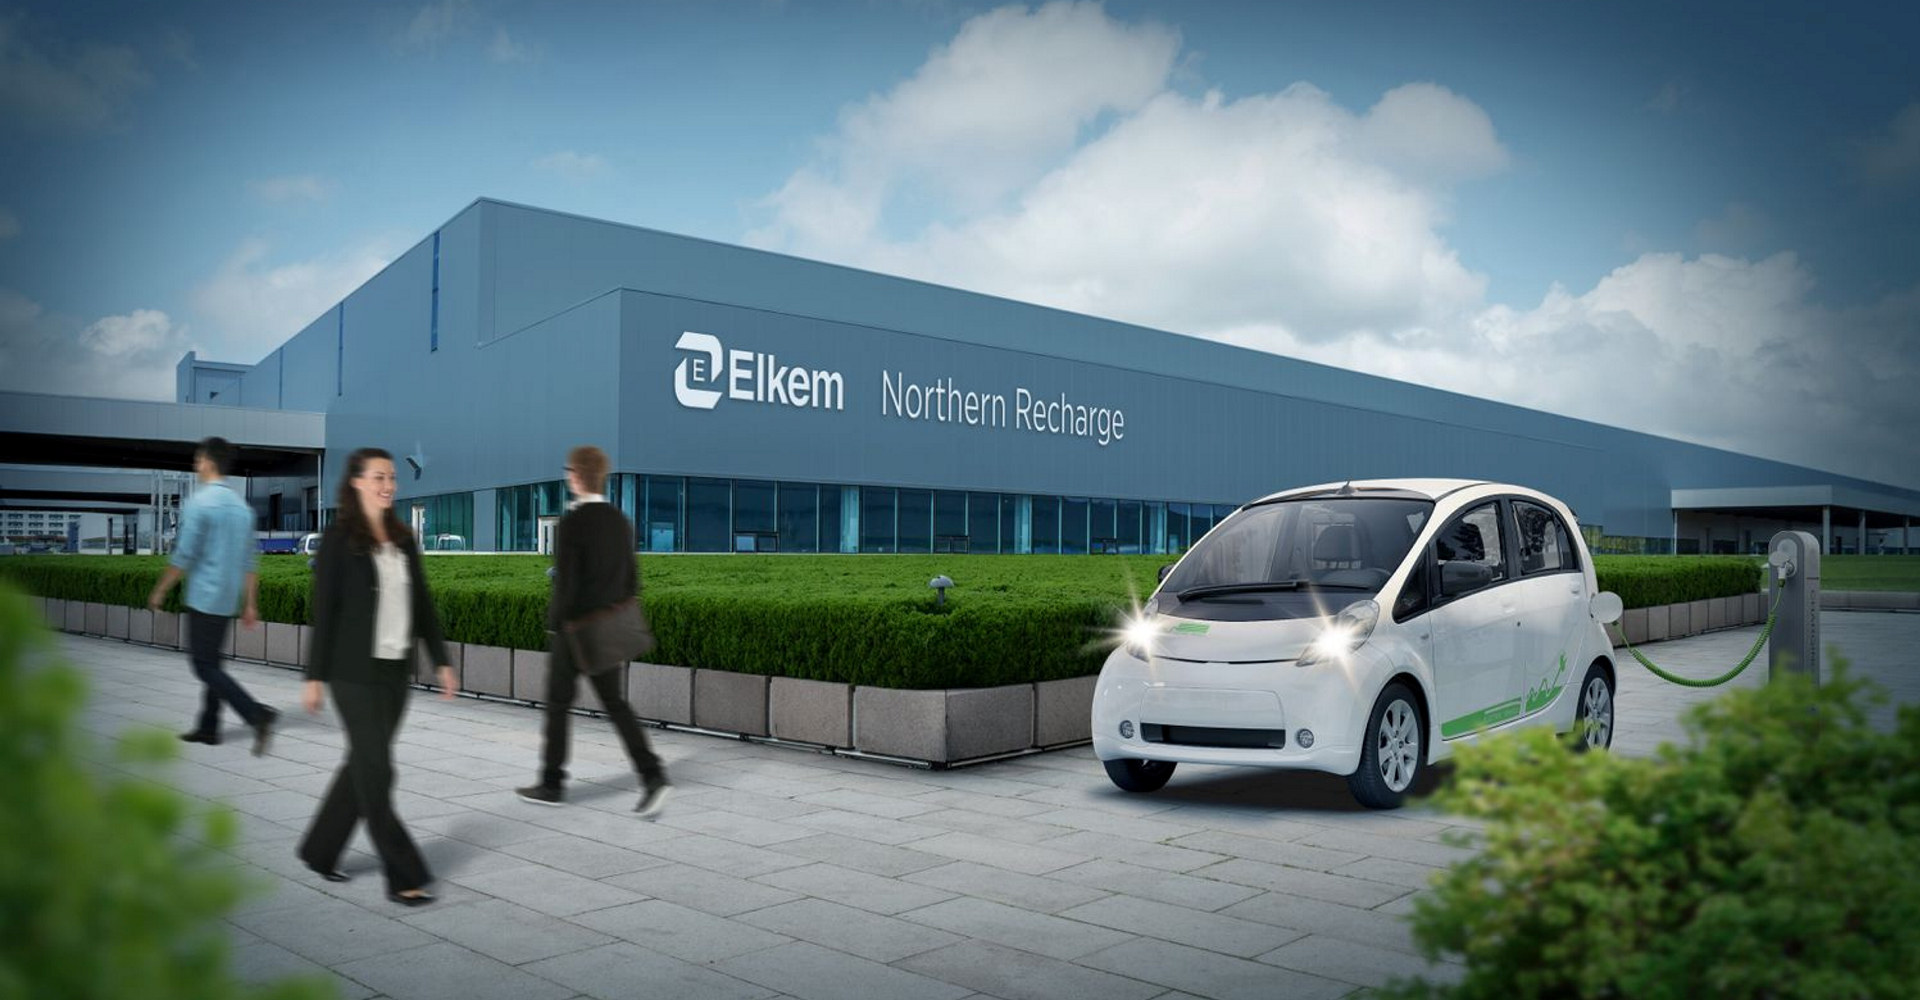 Elkem-konsernet har valgt Herøya Industripark som sted for en mulig fabrikk for fullskala industriproduksjon av batterigrafitt i Norge. Illustrasjon: Elkem